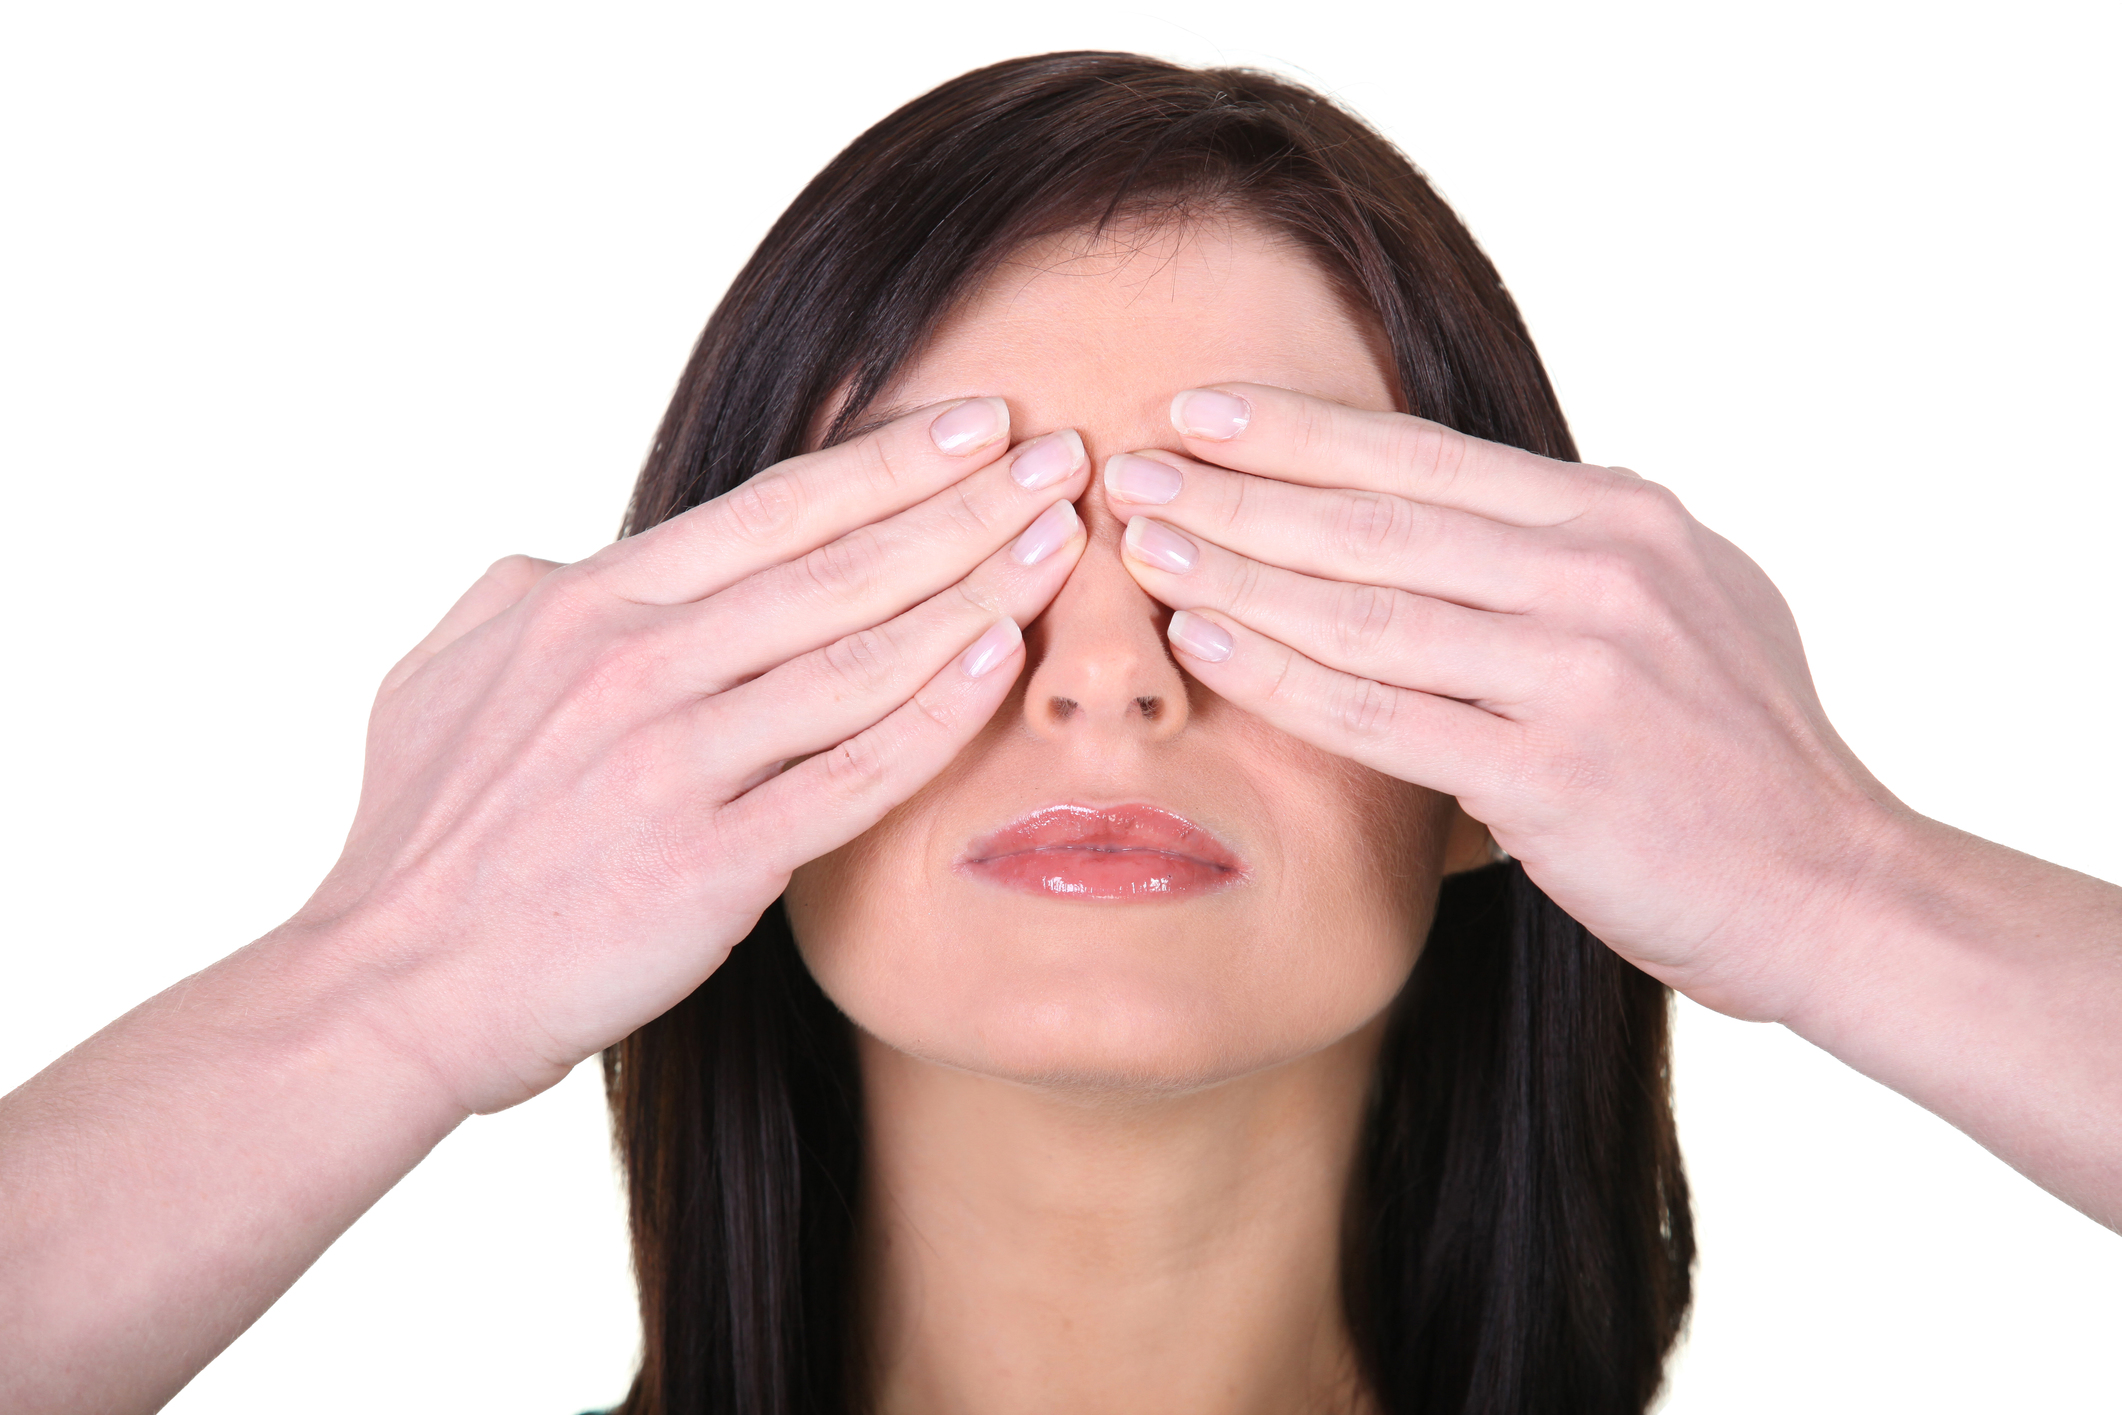 látássérült szerkezeti hiba aktív látásmasszázs